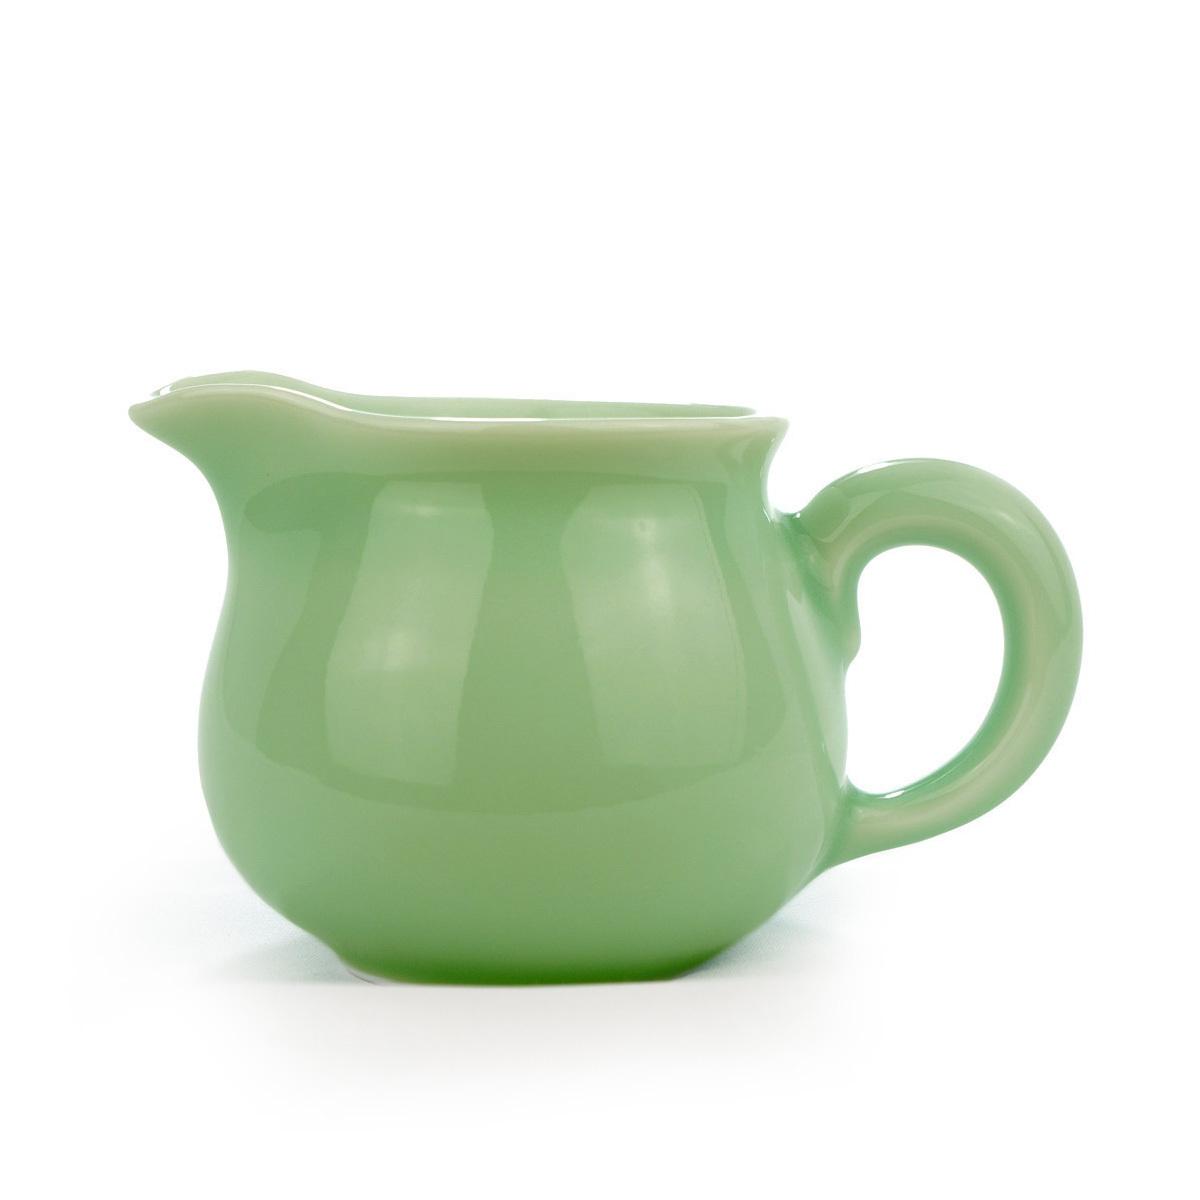 翠青坊龙泉青瓷陶瓷茶具DM00040